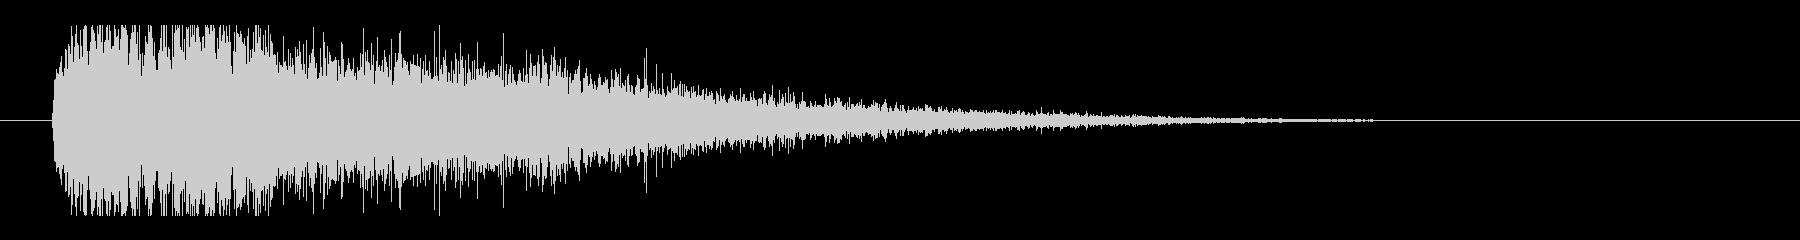 レーザー音-101-3の未再生の波形